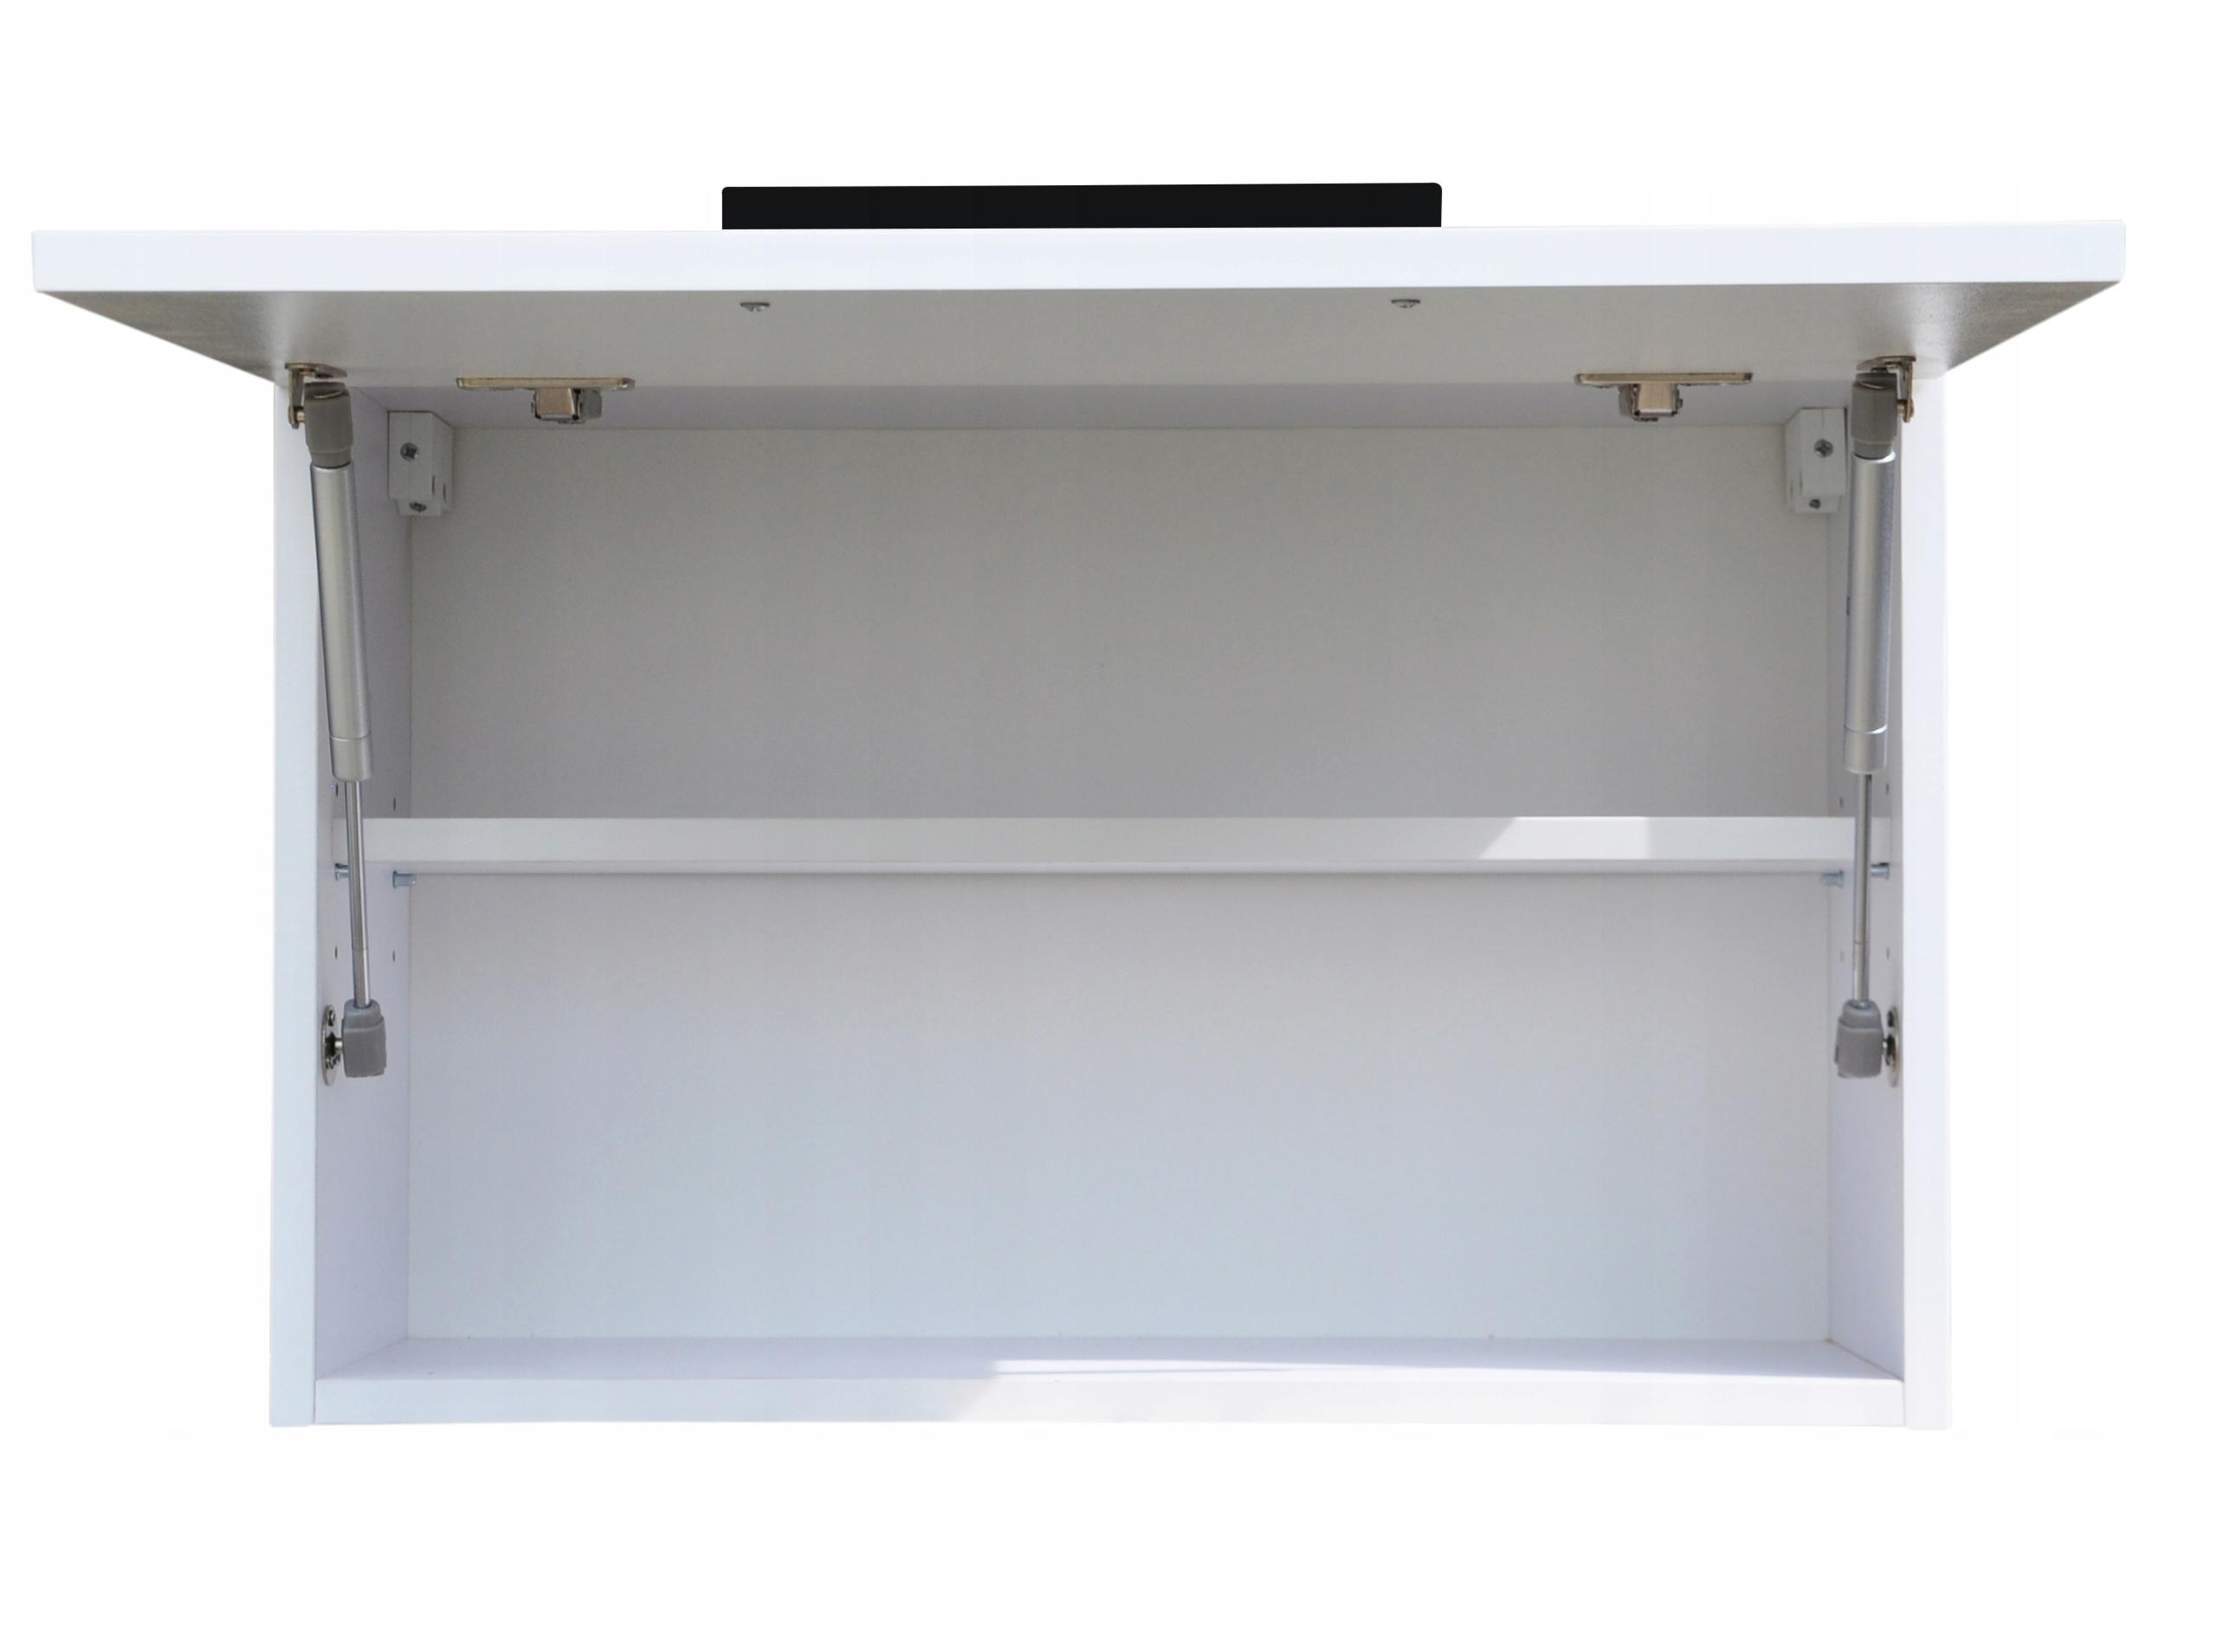 Szafka łazienkowa wisząca klapa połysk 70 Głębokość mebla 23.9 cm